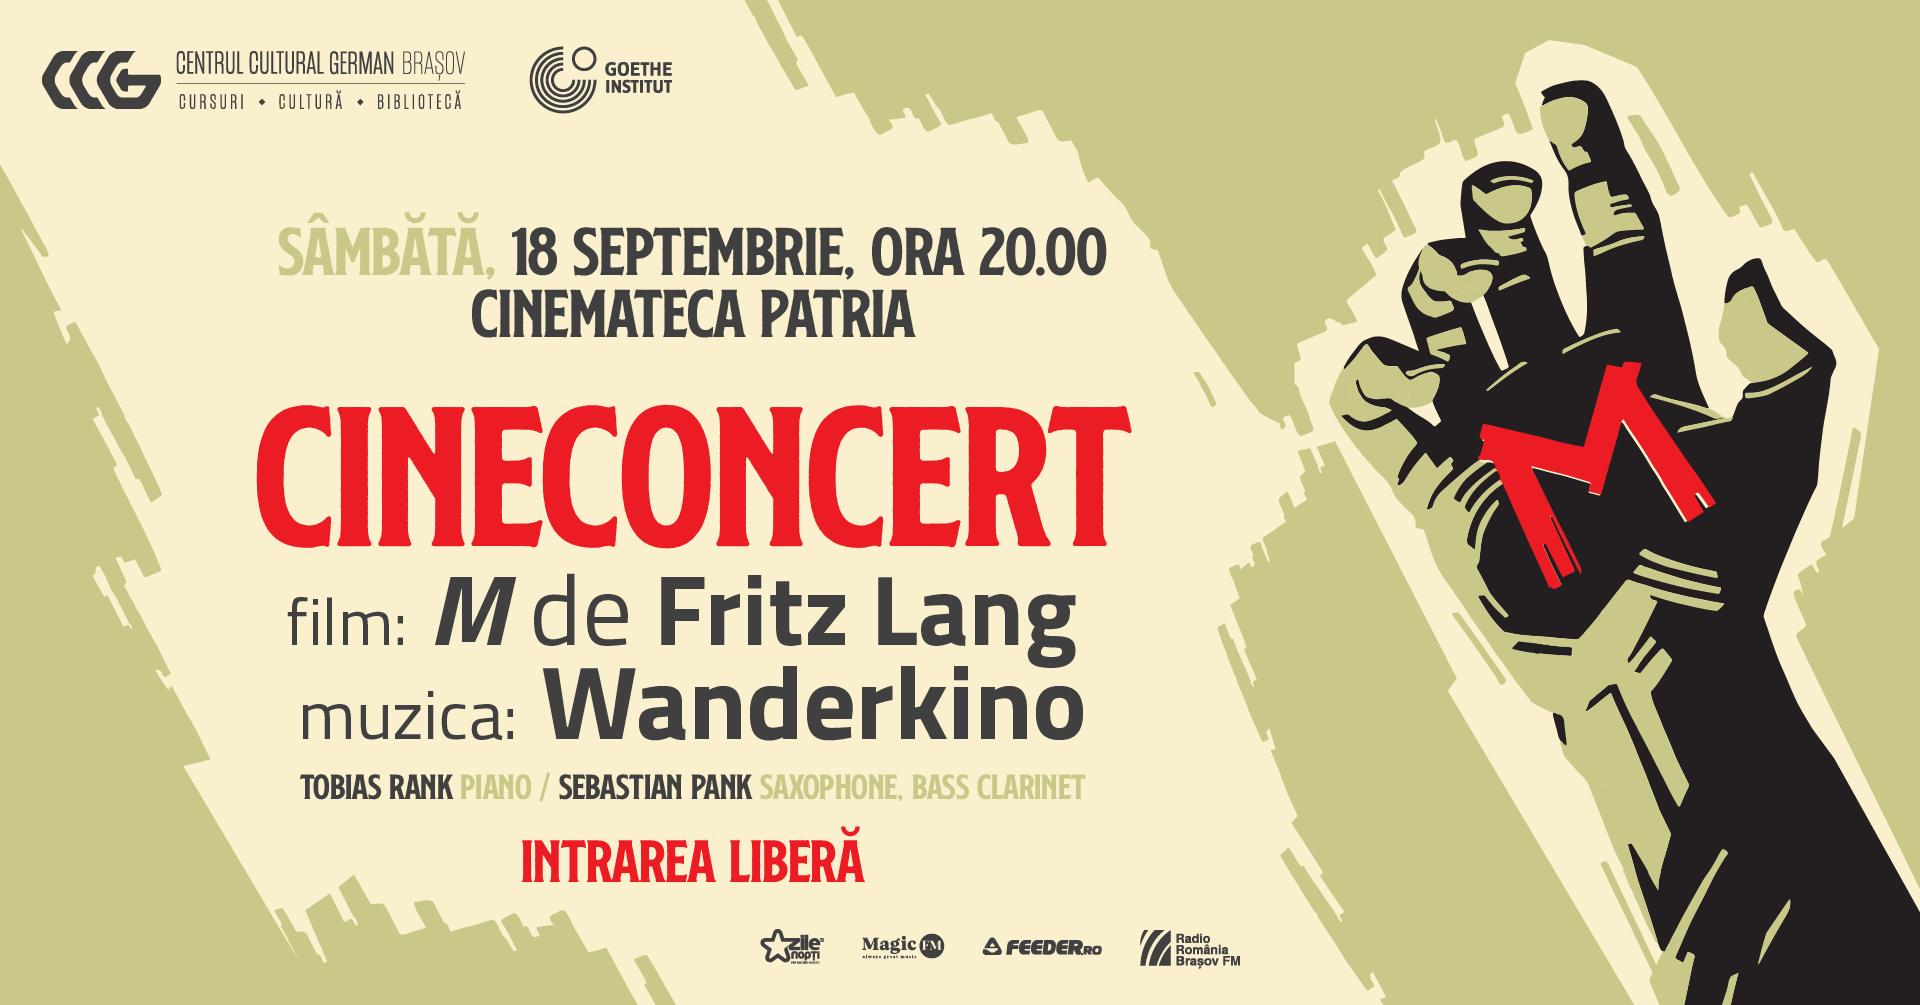 Sâmbătă, 18 septembrie 2021 caravana de filme clasice cu acompaniament live Wanderkino poposește pentru a doua oară la Brașov! De data aceasta, Wanderkino nu va mai prezenta publicului brașovean o serie de filme scurte, ci capodopera regizorului german Fritz Lang M- Un oraș își caută asasinul. Proiecția filmului, care va avea loc la Cinemateca Patria, va fi însoțită de acompaniamentul muzical live susținut de Tobias Rank la pian și de Sebastian Pank la saxofon și clarinet. Proiecția va începe de la ora 20:00.